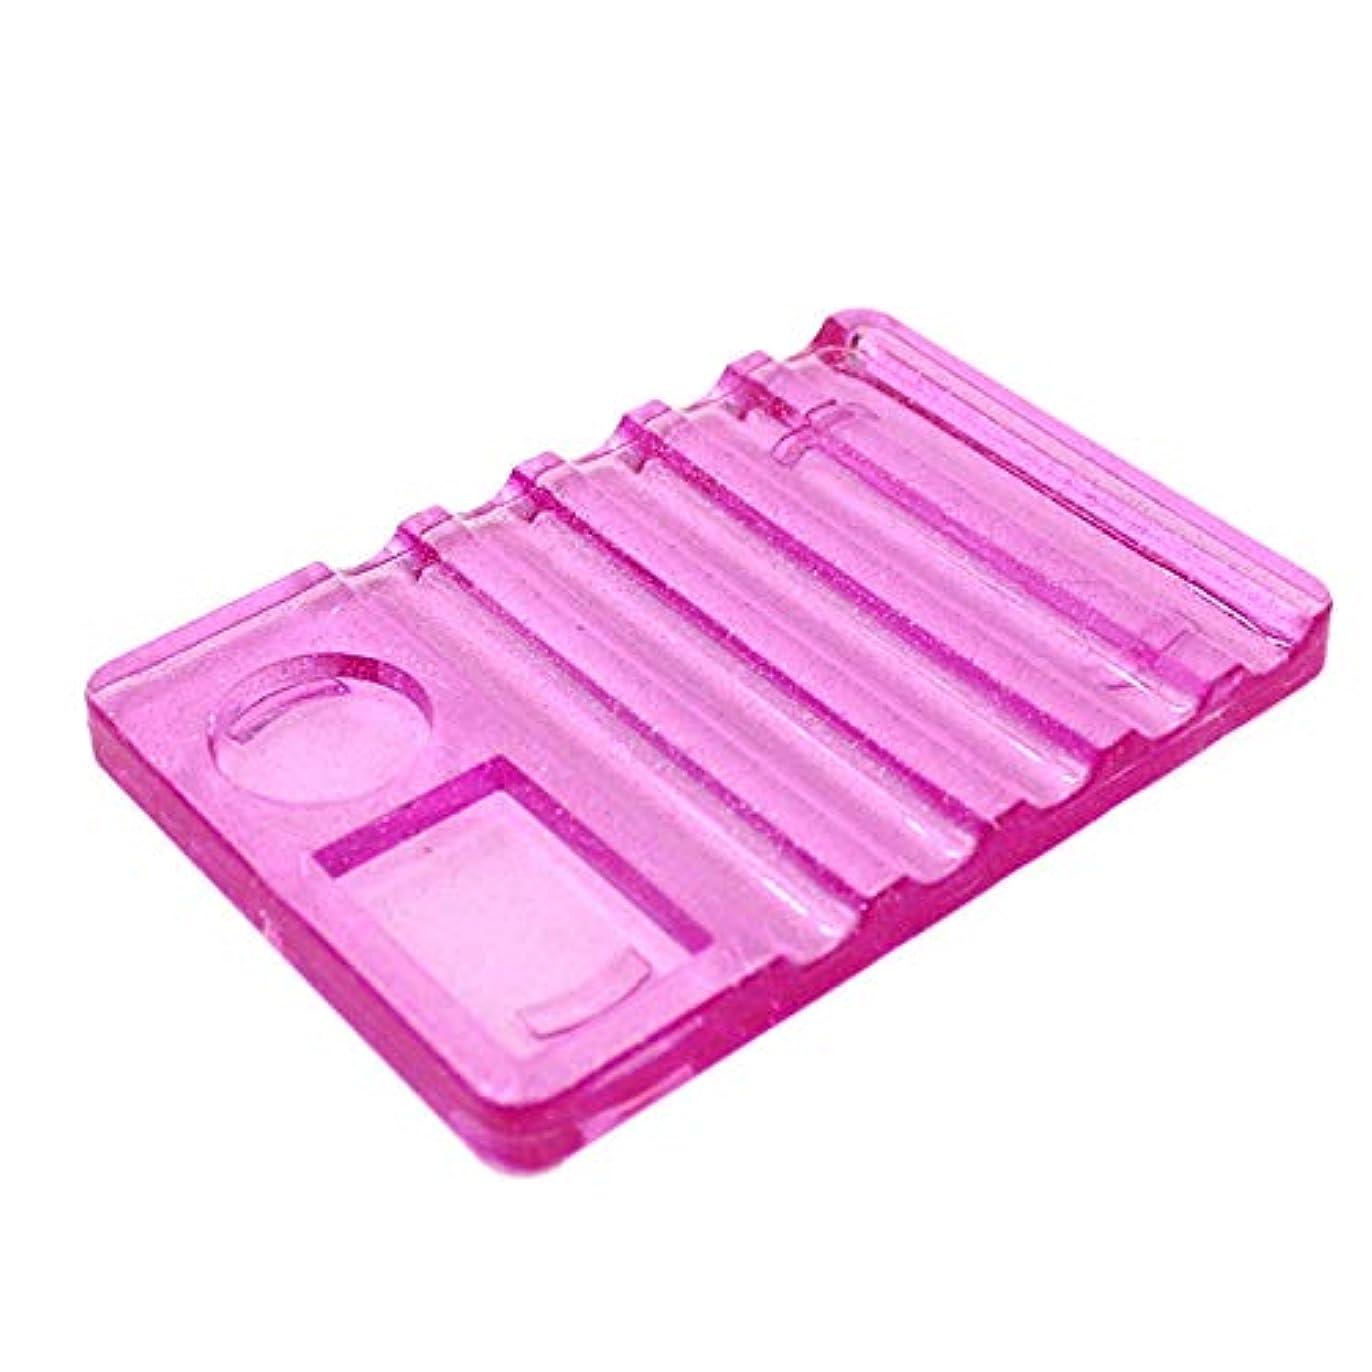 掃くパーク集めるTOOGOO 1個ブラシペン用クリスタルネイルアートブラシホルダーディスプレイスタンドレストツール、ピンク